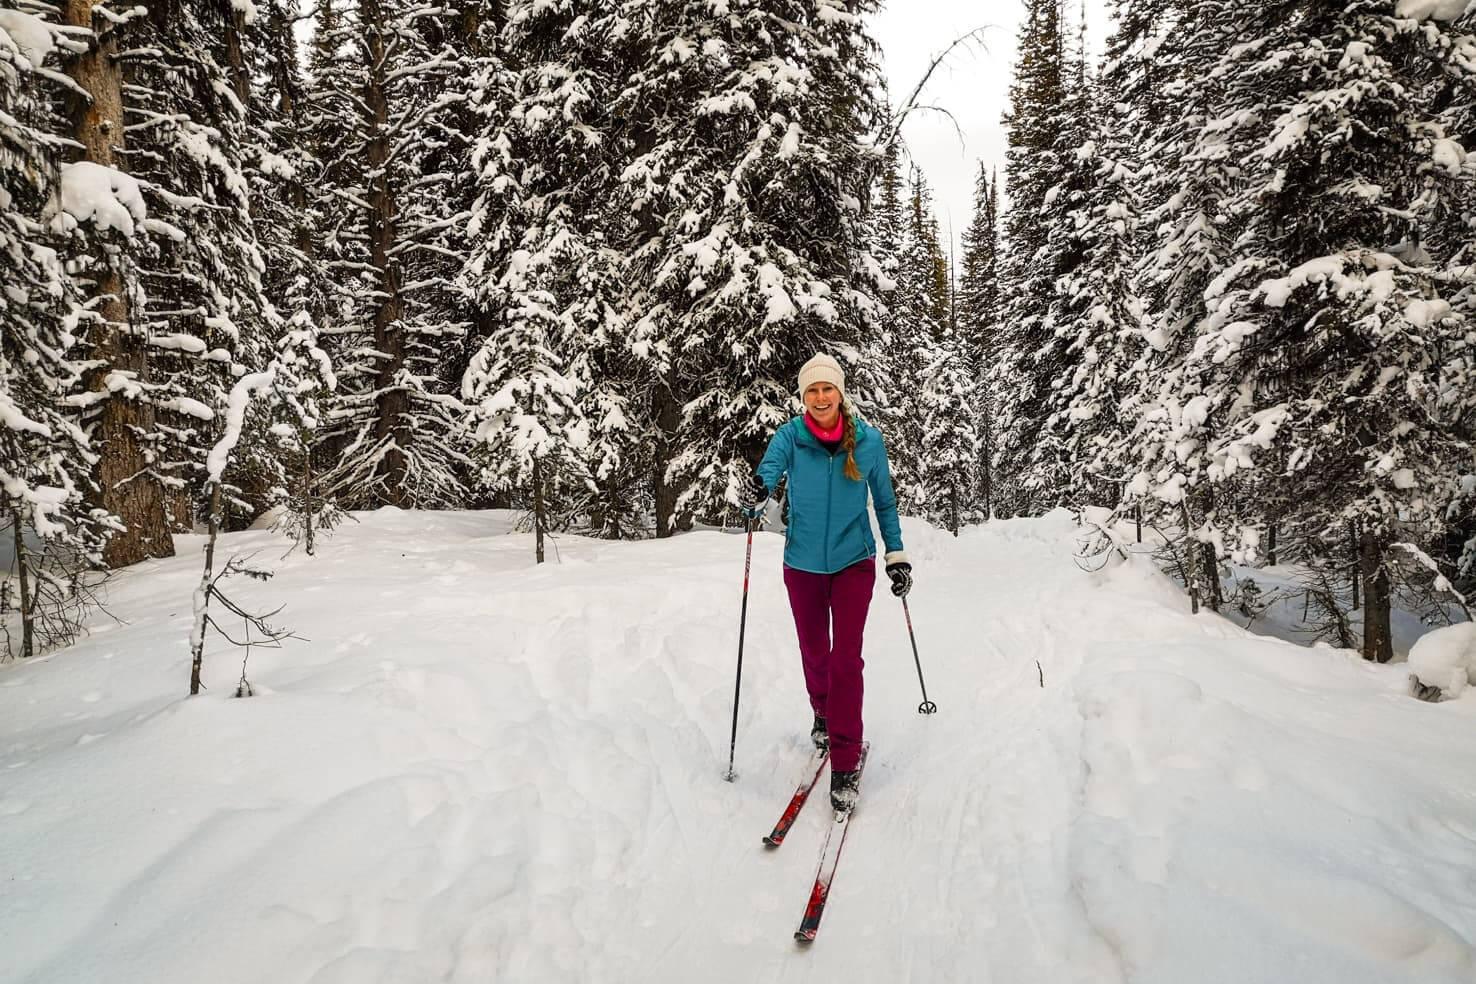 Cross country ski trails in Kananaskis - Chester Lake